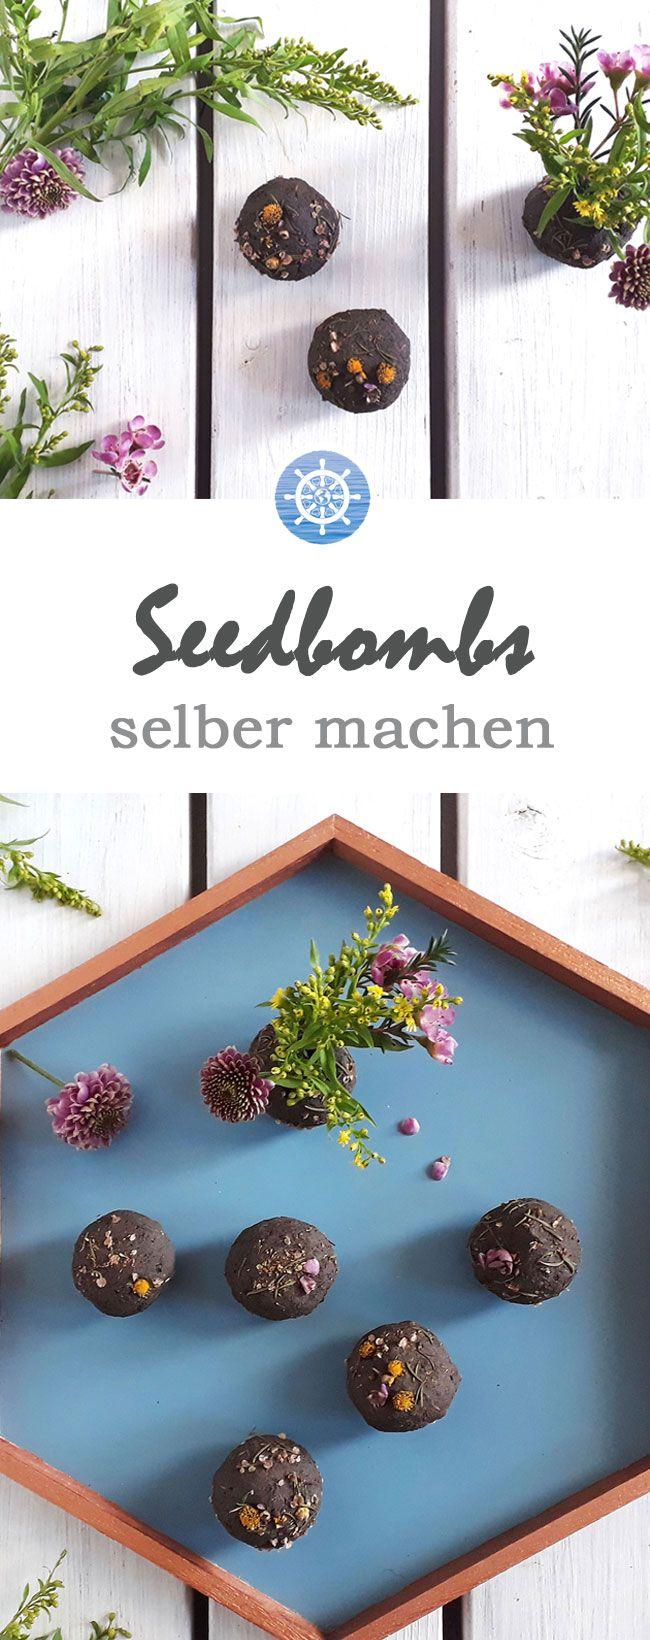 Seedbombs selber machen – Perfektes Geschenk für Ostern, Hochzeit, Muttertag & Co. – DIY-Anleitung via aye-aye-diy.com